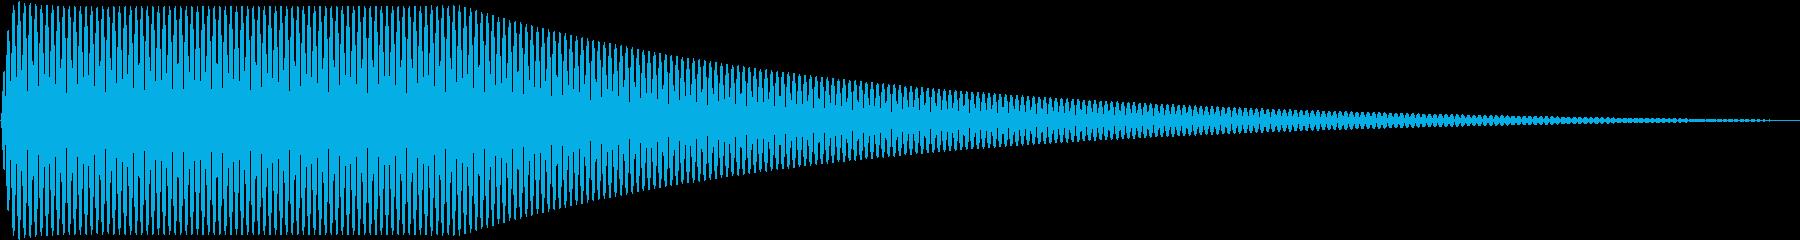 Sin シンプルなサイン波のタッチ音 1の再生済みの波形